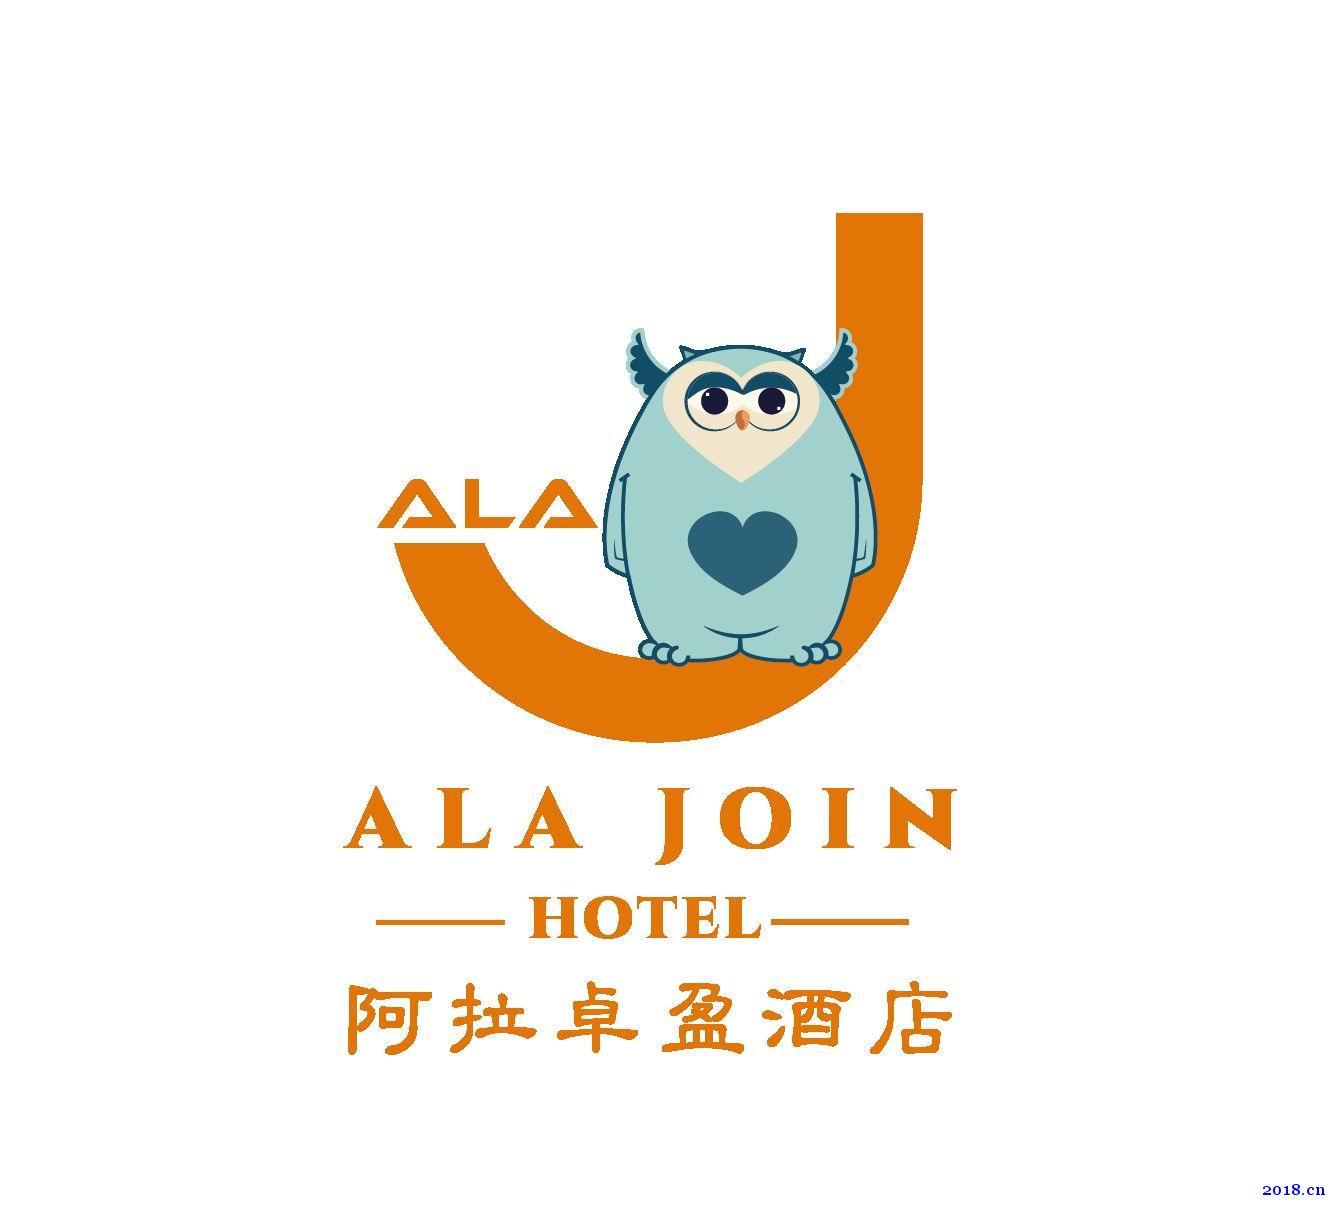 深圳阿拉卓盈酒店全汕尾地区推广简介